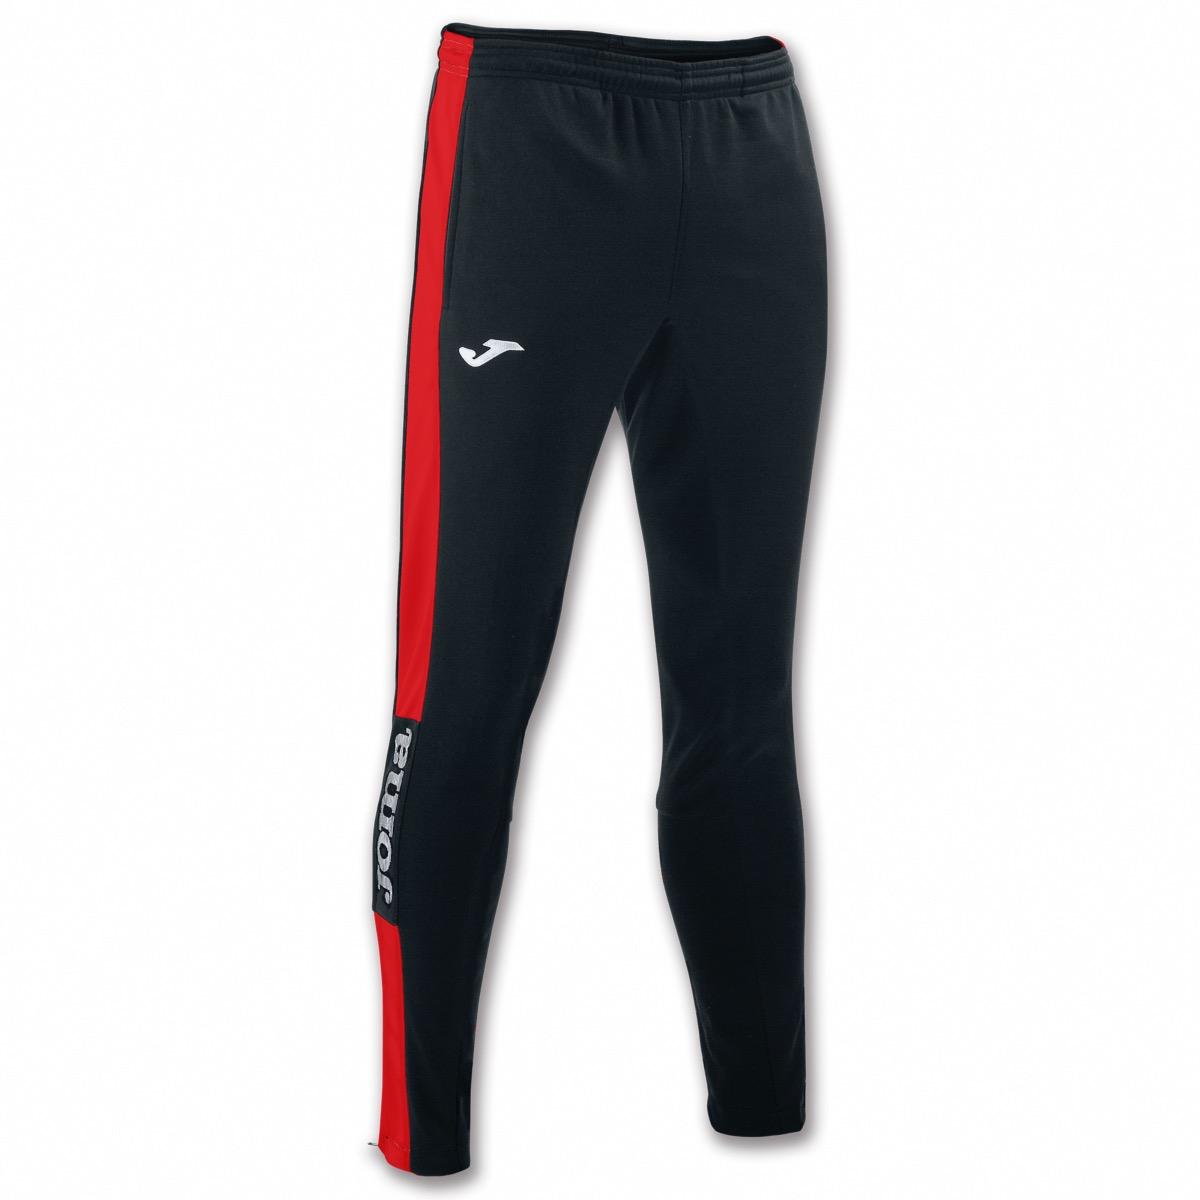 Champion De Jogging Recupsports Iv Joma Pantalon xqg7IY